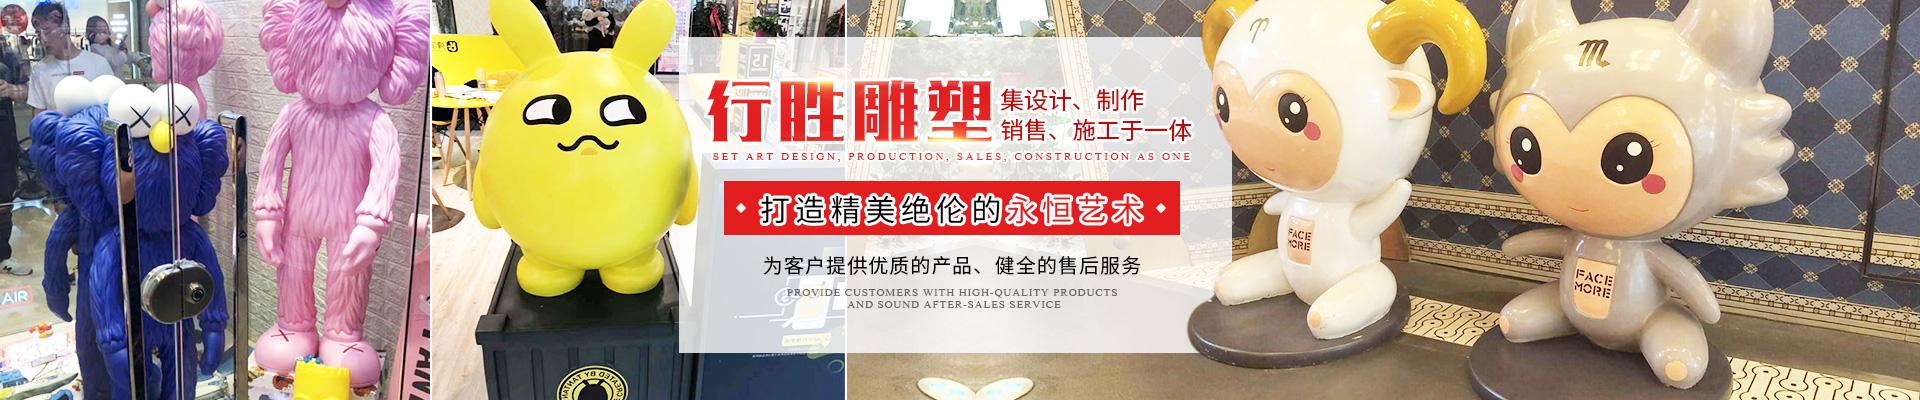 湖南行胜万博手机版max有限公司_湖南广场万博手机版max|不锈钢万博手机版max